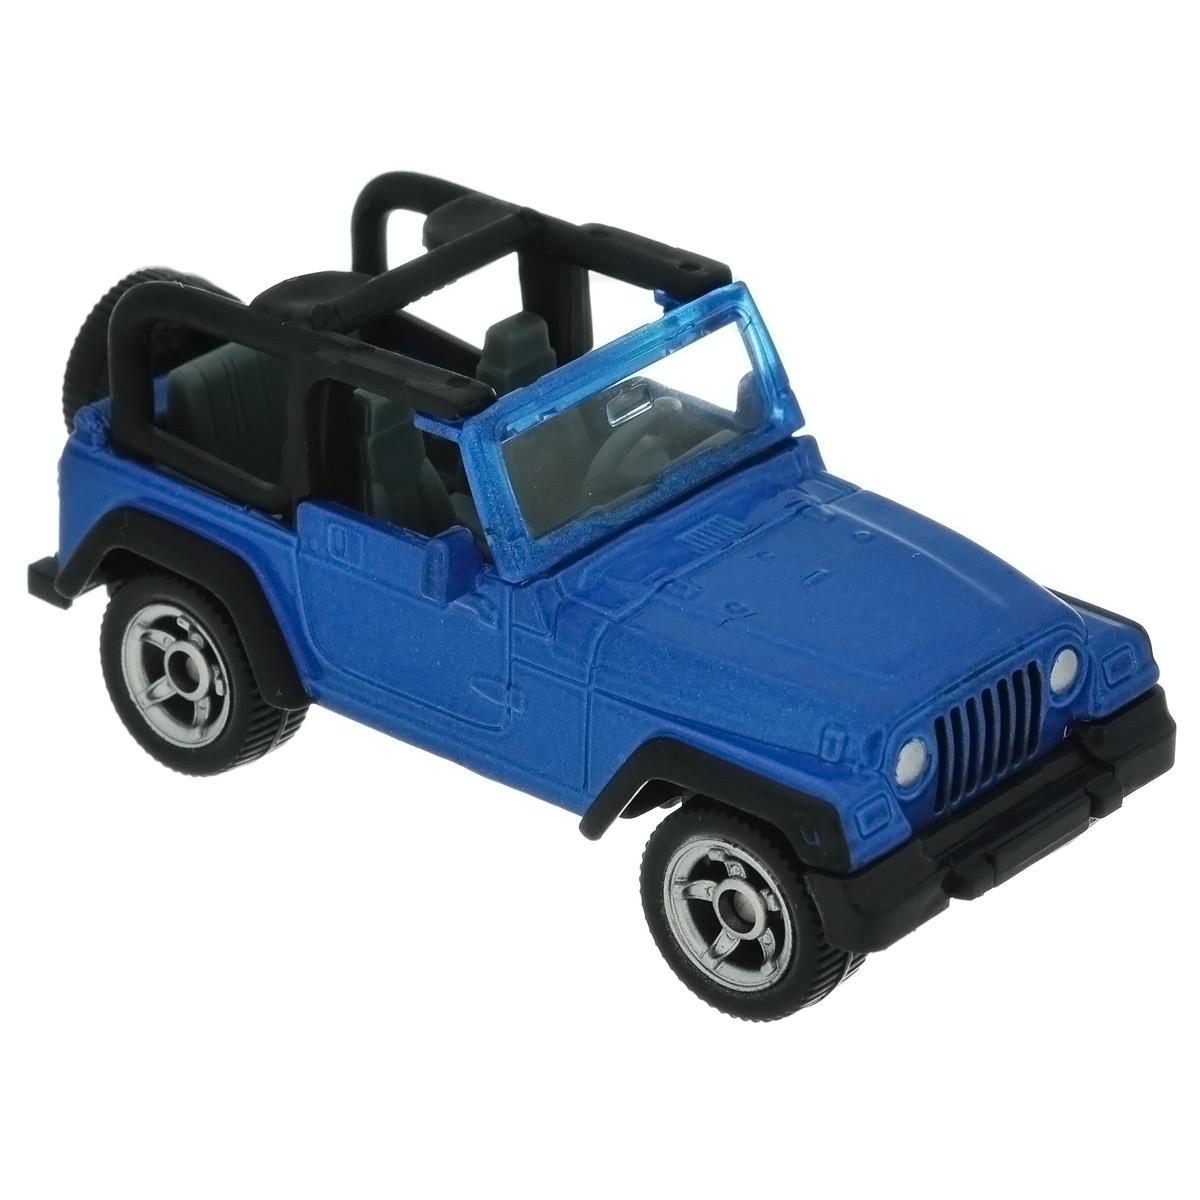 Siku Модель автомобиля Jeep Wrangler siku модель машины с прицепом и спортивной машиной 2544